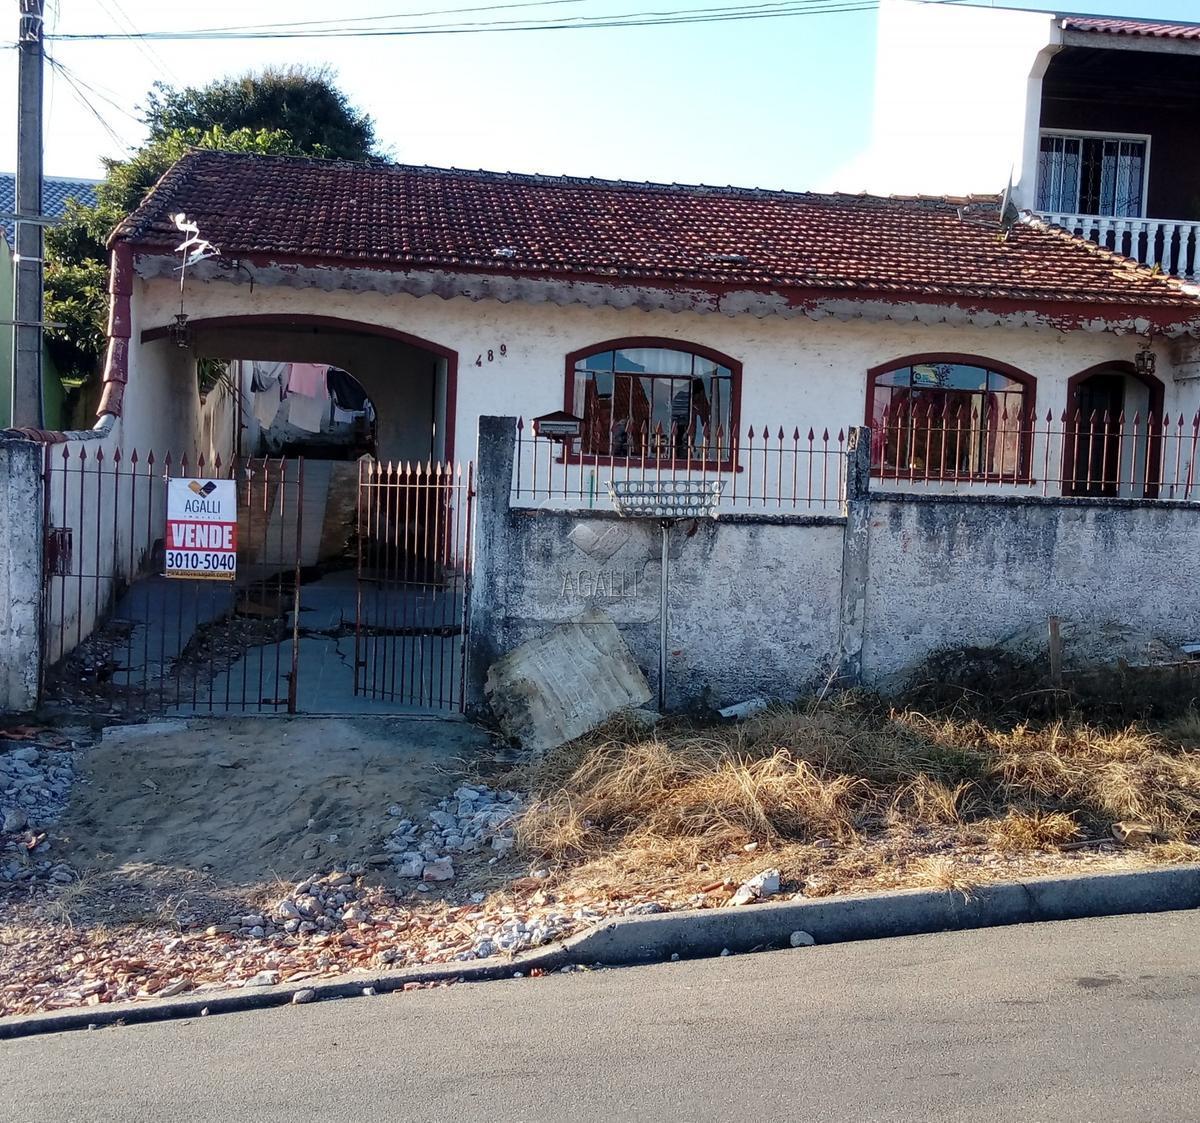 http://www.infocenterhost2.com.br/crm/fotosimovel/240337/71978379-terreno-pinhais-vila-amelia.jpg